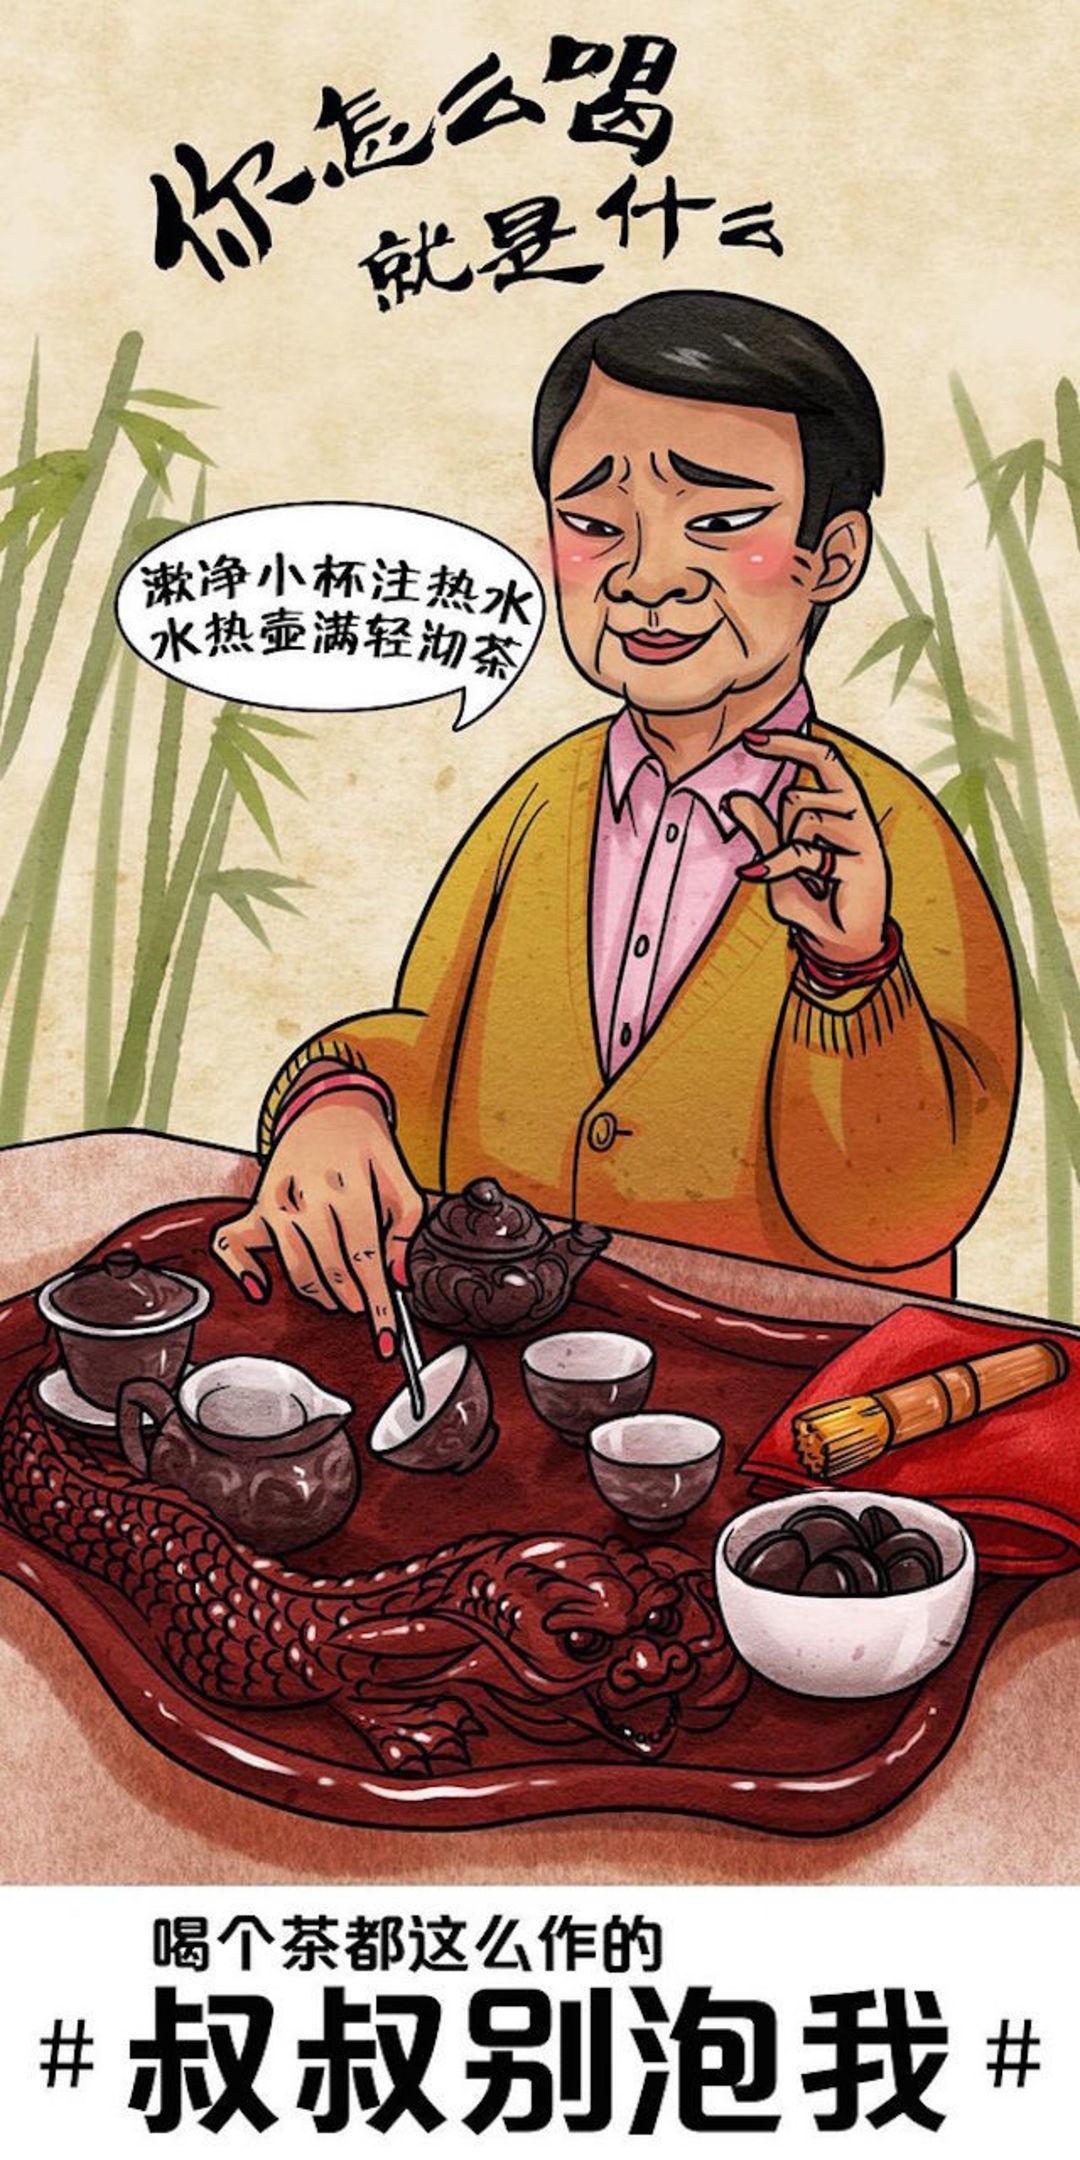 """一款号称卖给 """"95 后""""的茶饮料,背后是大公司对年轻人怎样的揣测?_商业_好奇心日报"""